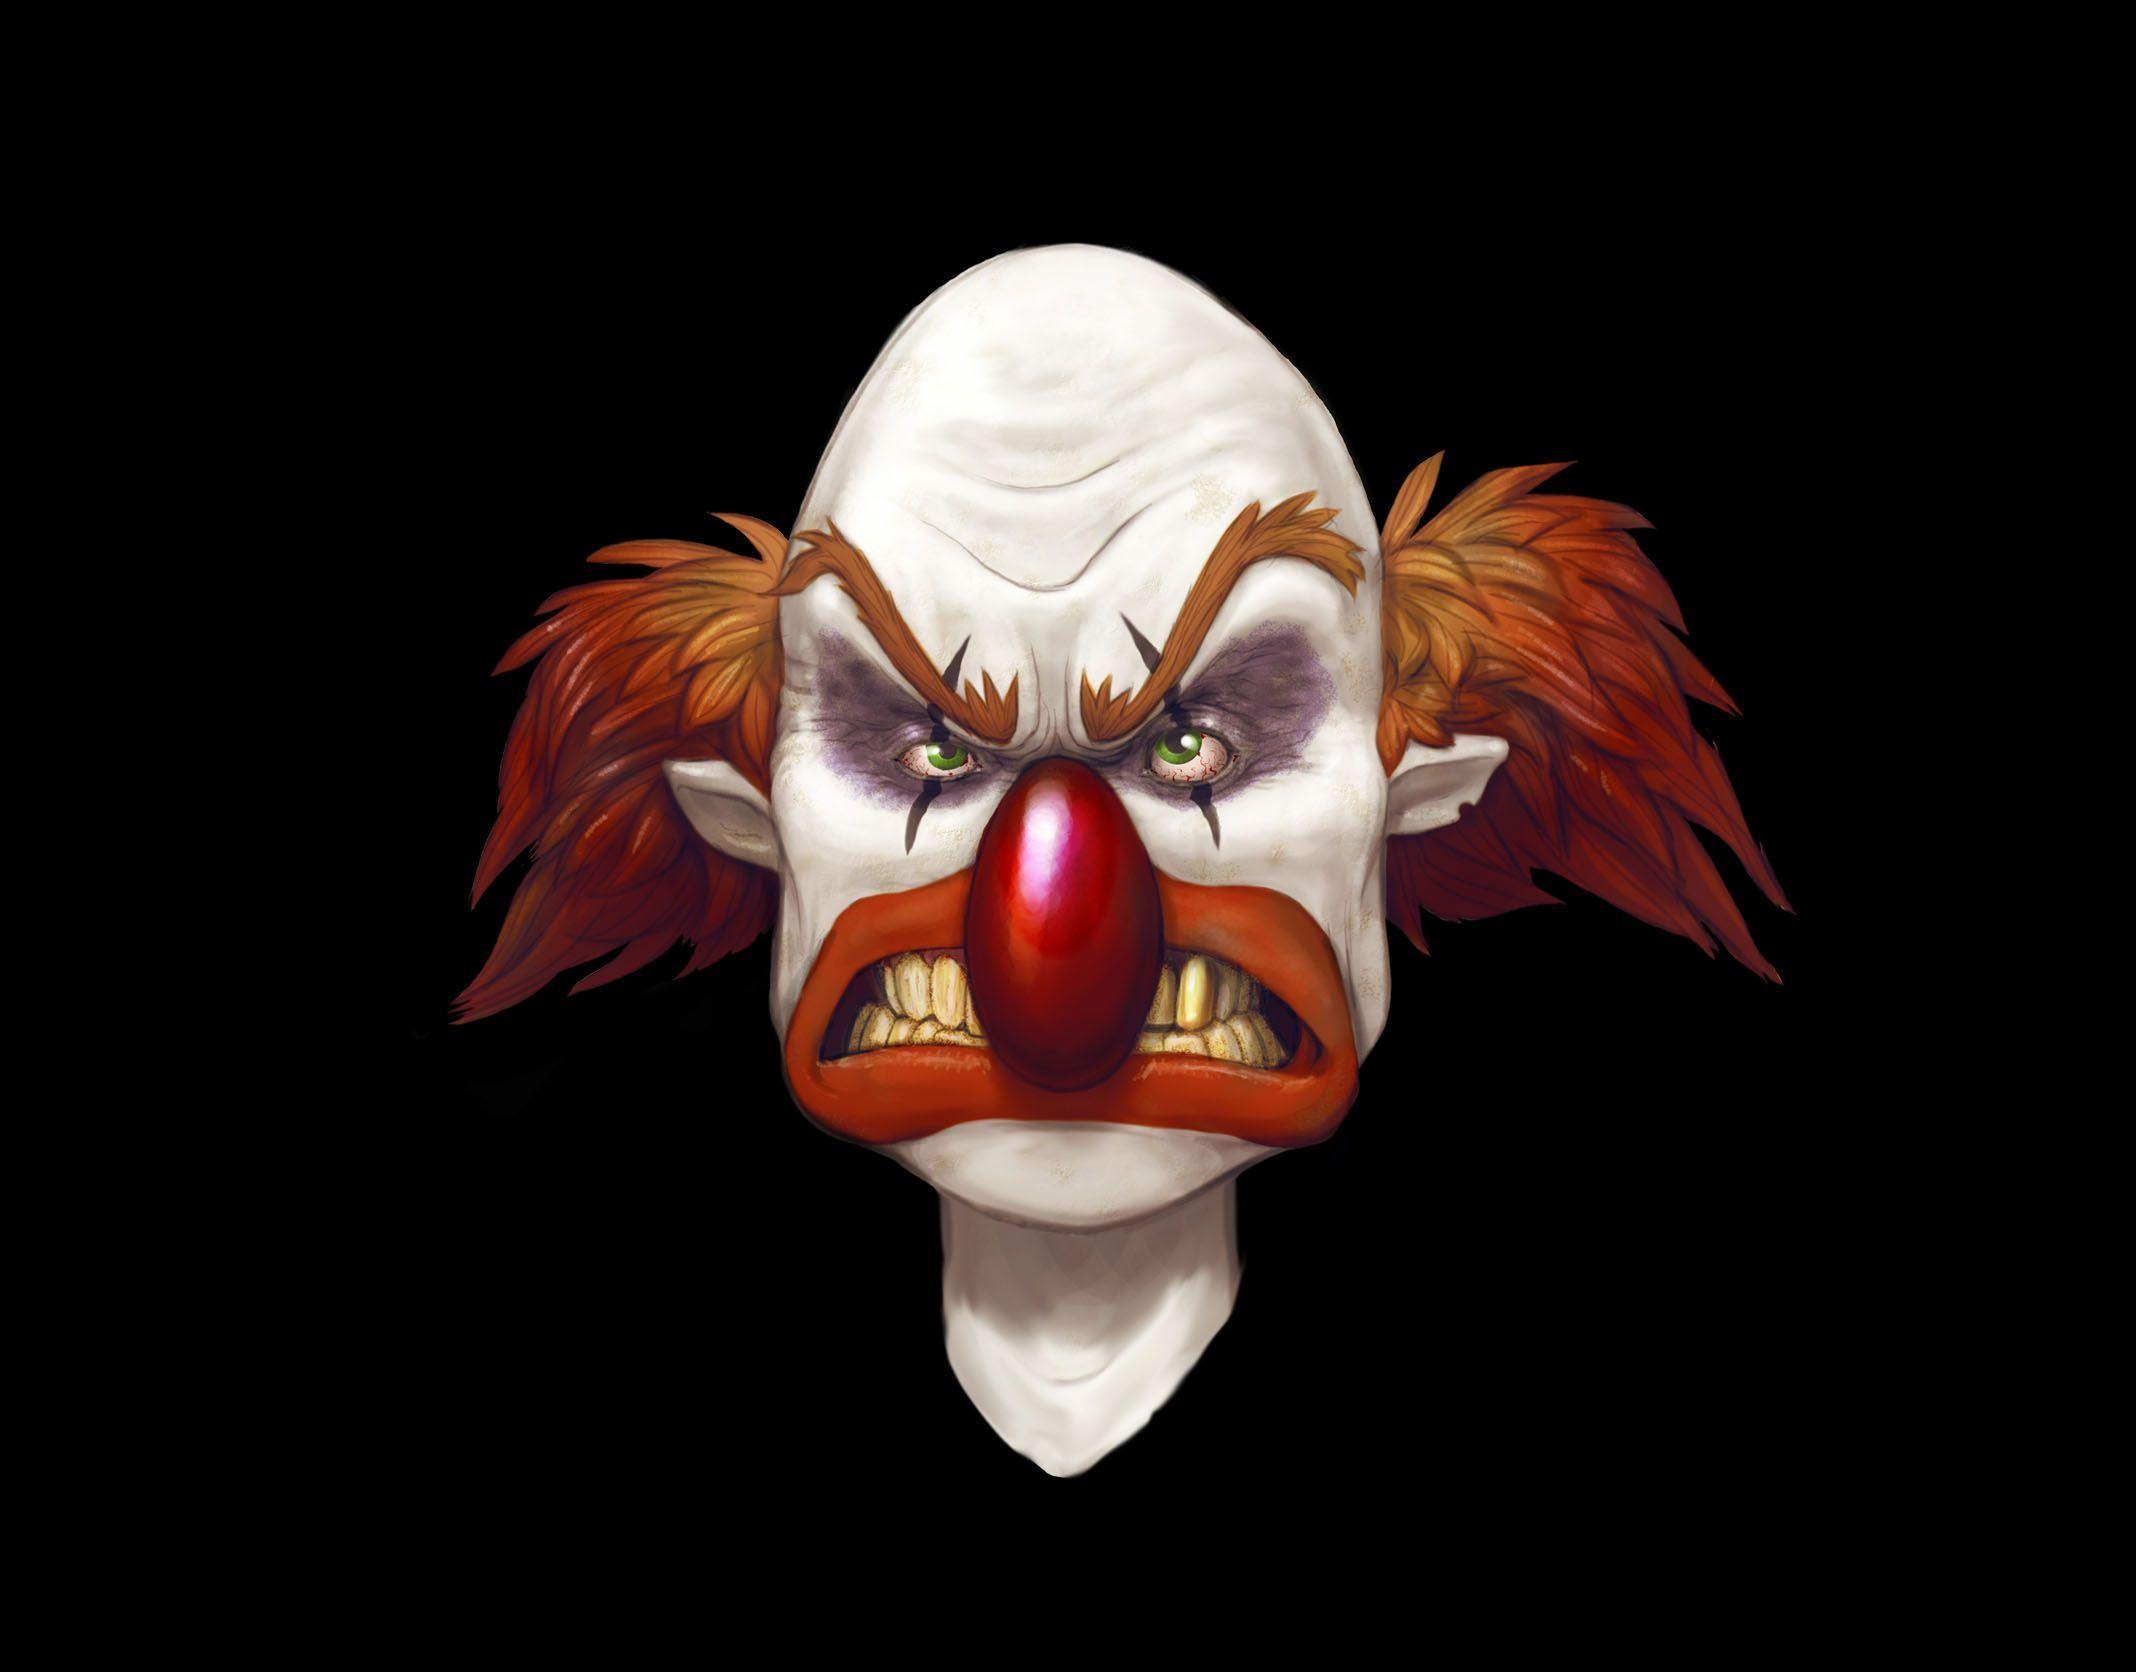 Free <b>Evil Clown Wallpapers</b> – <b>Wallpaper